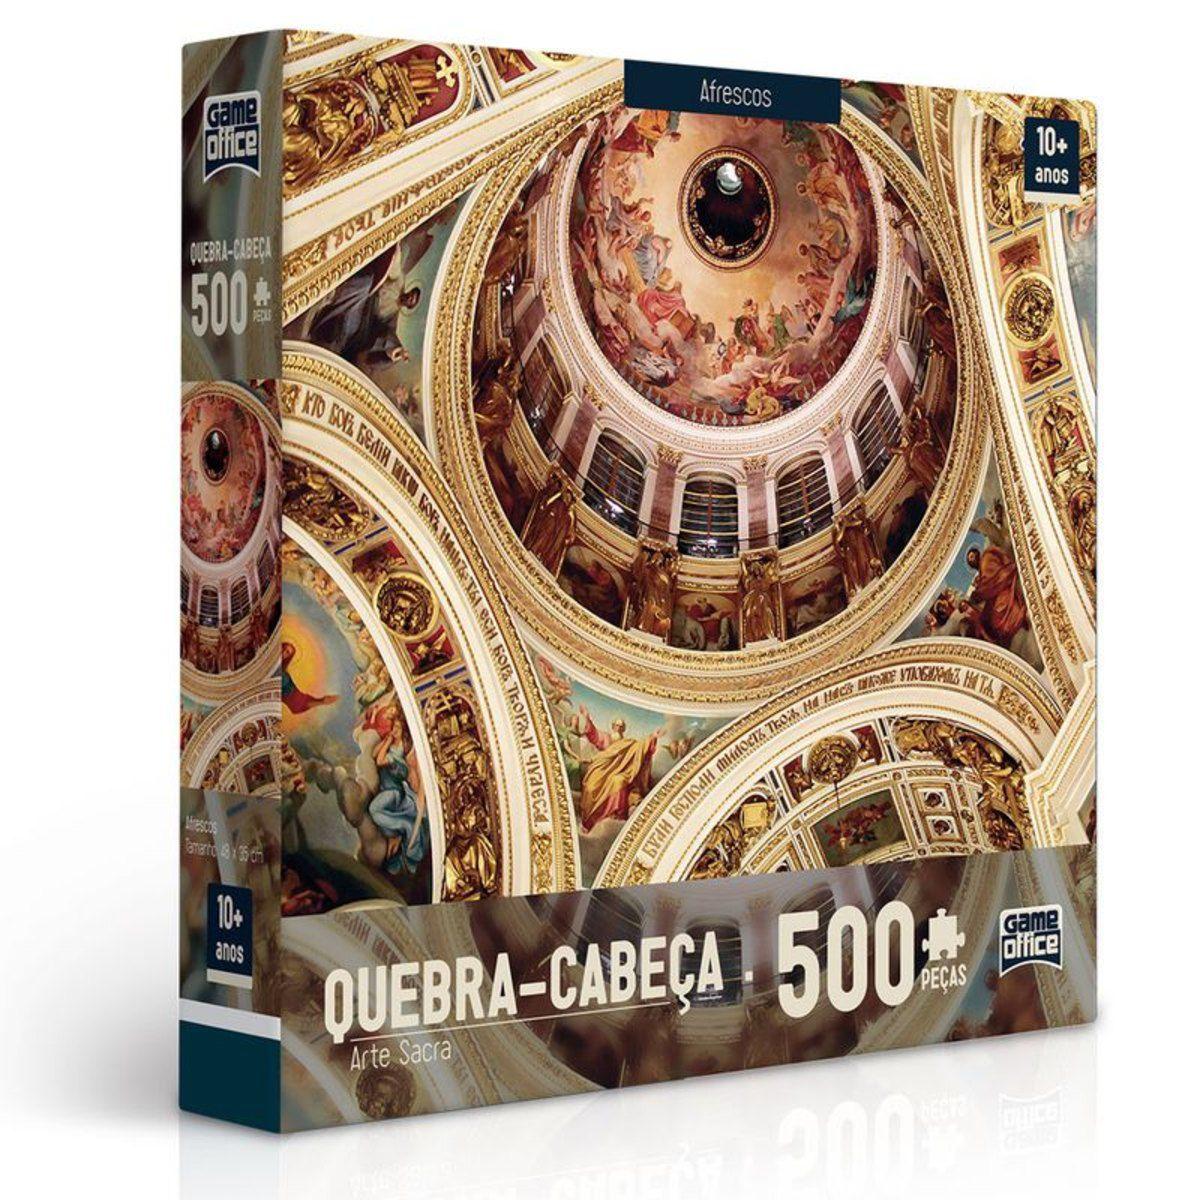 Quebra Cabeça Afrescos Arte Sacra 500 Peças - Toyster 2423